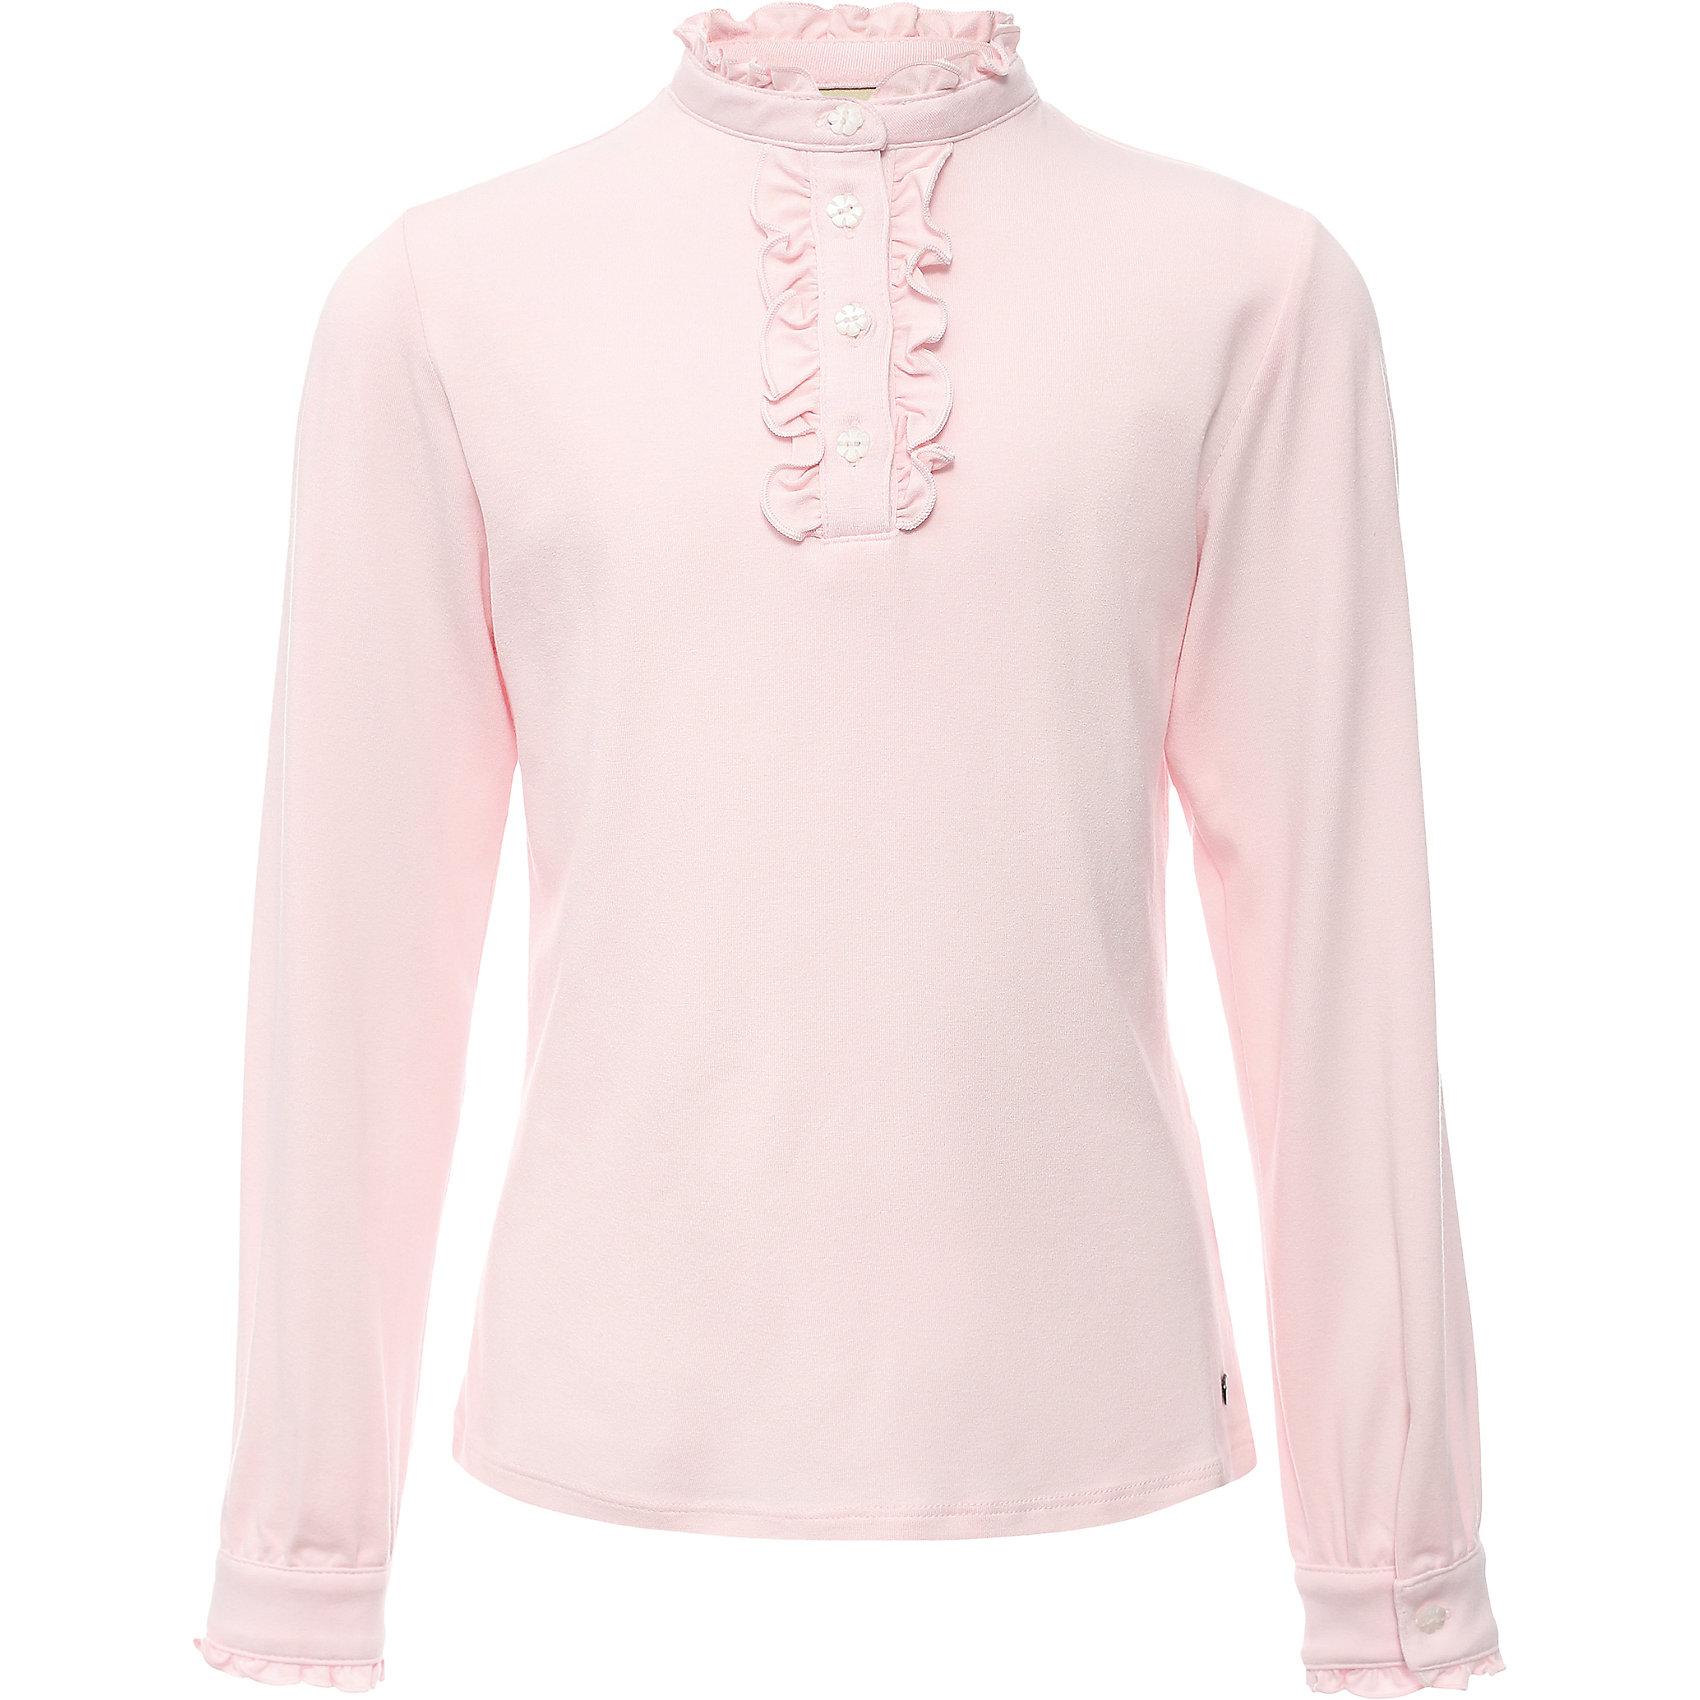 Блузка для девочки Finn FlareБлузки и рубашки<br>Блузка для девочки известной марки Finn Flare.<br><br>Школьная блузка для девочки может использоваться для повседневной носки. Блузка декорирована мелкими рюшами у горловины, по длине застежки на пуговицах. Длинные рукава оснащены манжетами, которые застегиваются на пуговицы. Манжеты имеют маленькие рюшки. <br><br>Фактура материала: Трикотажный<br>Вид застежки: Пуговицы<br>Длина рукава: Длинные<br>Тип карманов: Без карманов<br><br>Состав: 95% вискоза, 5% эластан<br><br>Блузку для девочки Finn Flare можно купить в нашем интернет-магазине.<br><br>Ширина мм: 186<br>Глубина мм: 87<br>Высота мм: 198<br>Вес г: 197<br>Цвет: розовый<br>Возраст от месяцев: 84<br>Возраст до месяцев: 96<br>Пол: Женский<br>Возраст: Детский<br>Размер: 152,158,122,116,128,134,140,146<br>SKU: 4890203